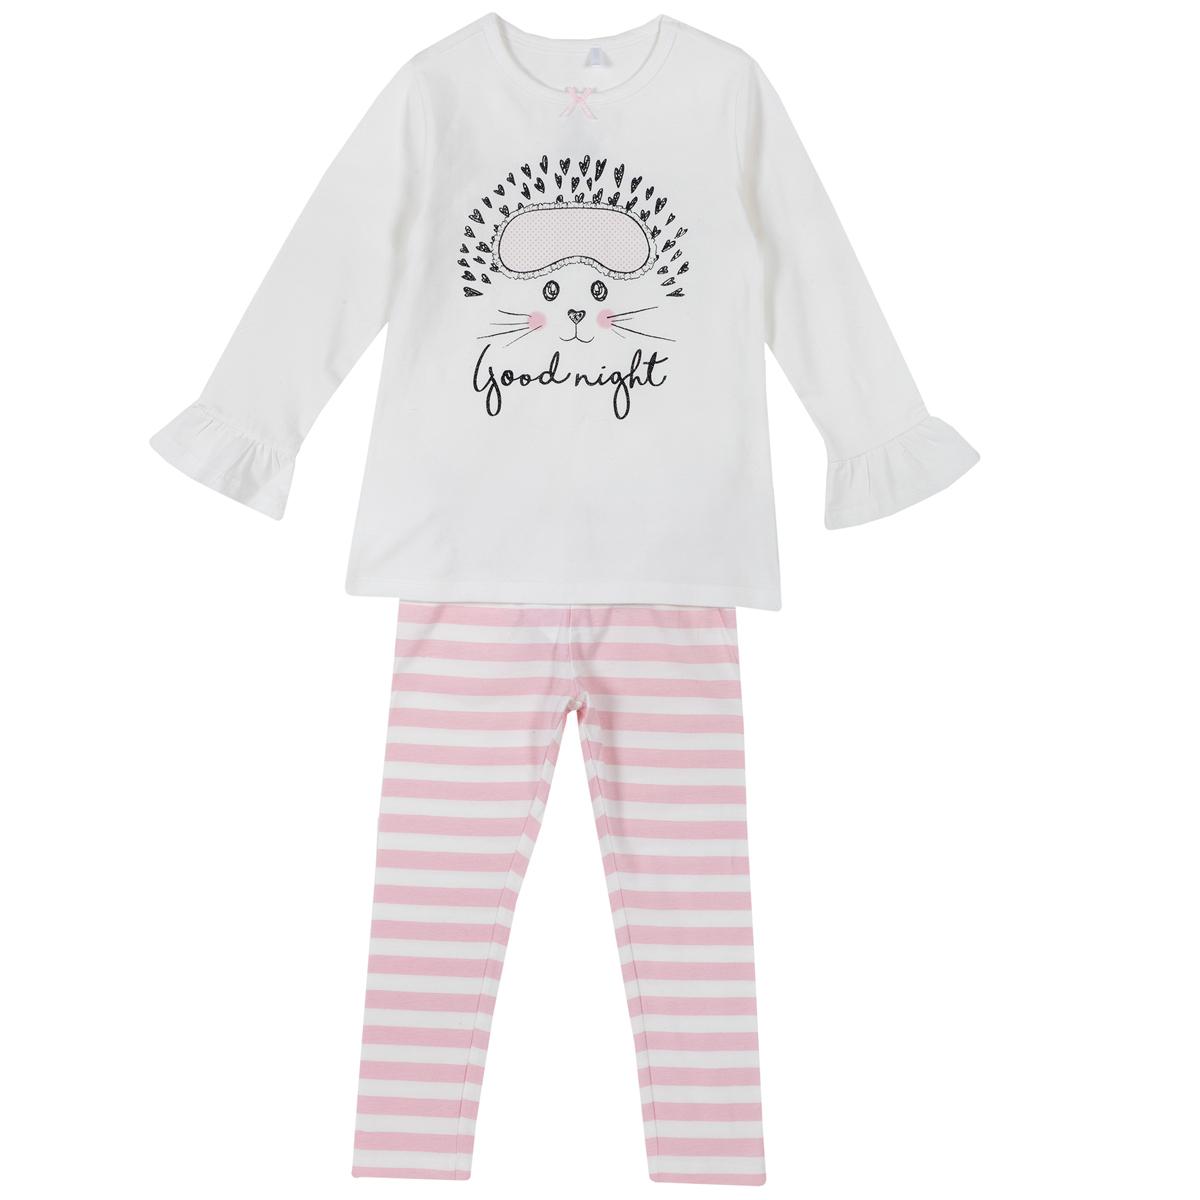 Pijama copii Chicco, maneca lunga, alb cu roz, 31269 din categoria Pijamale copii